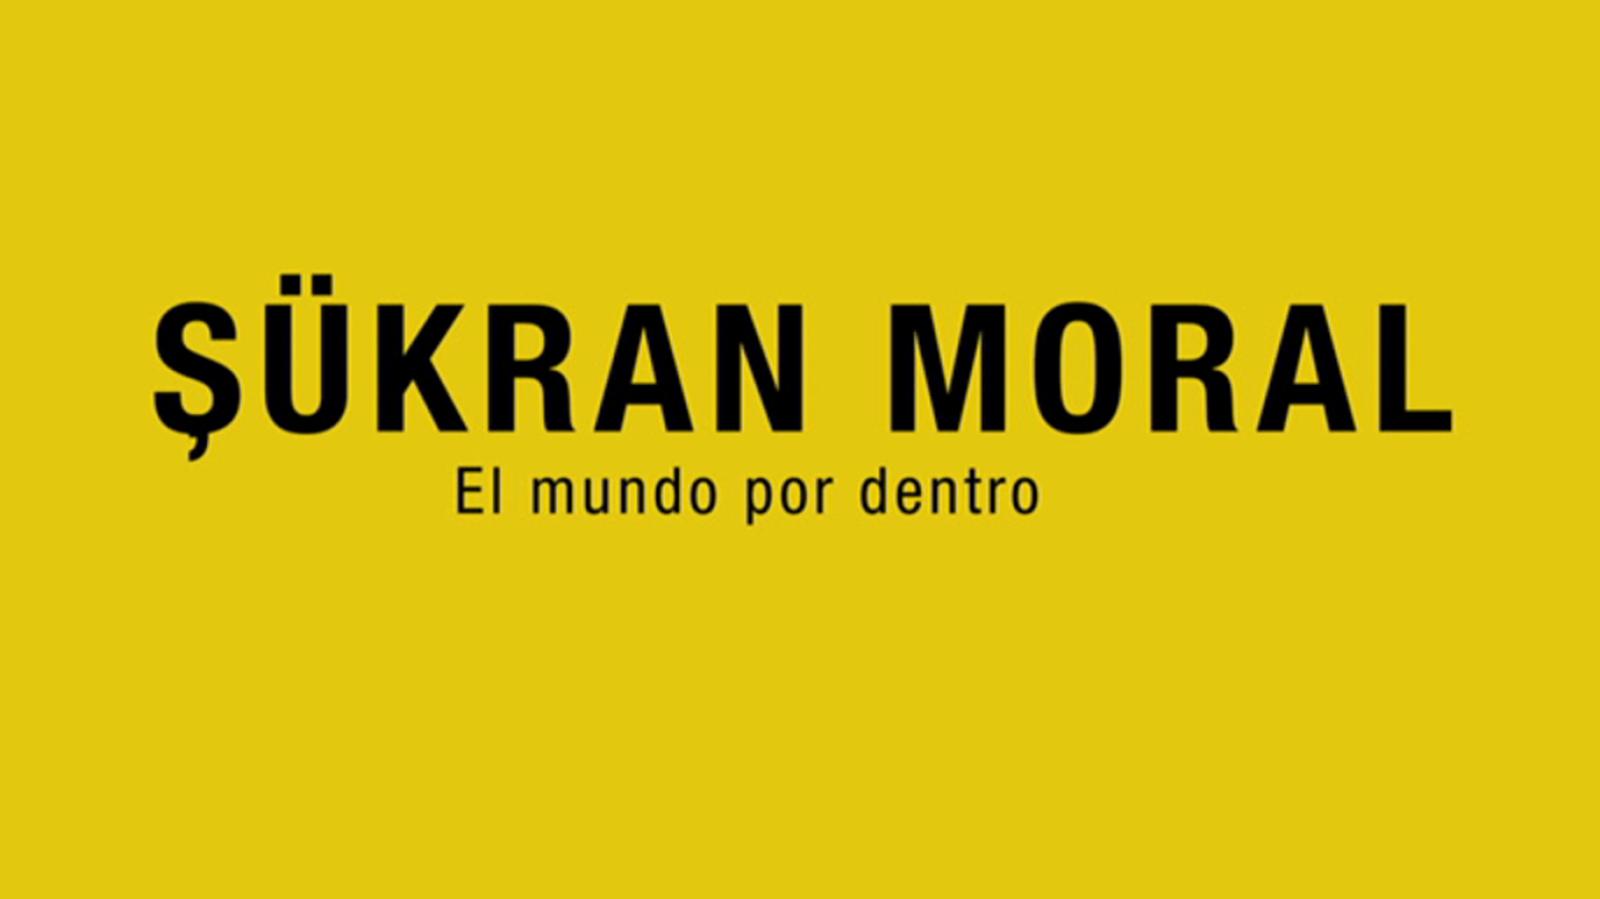 Metrópolis - Sükran Moral - ver ahora